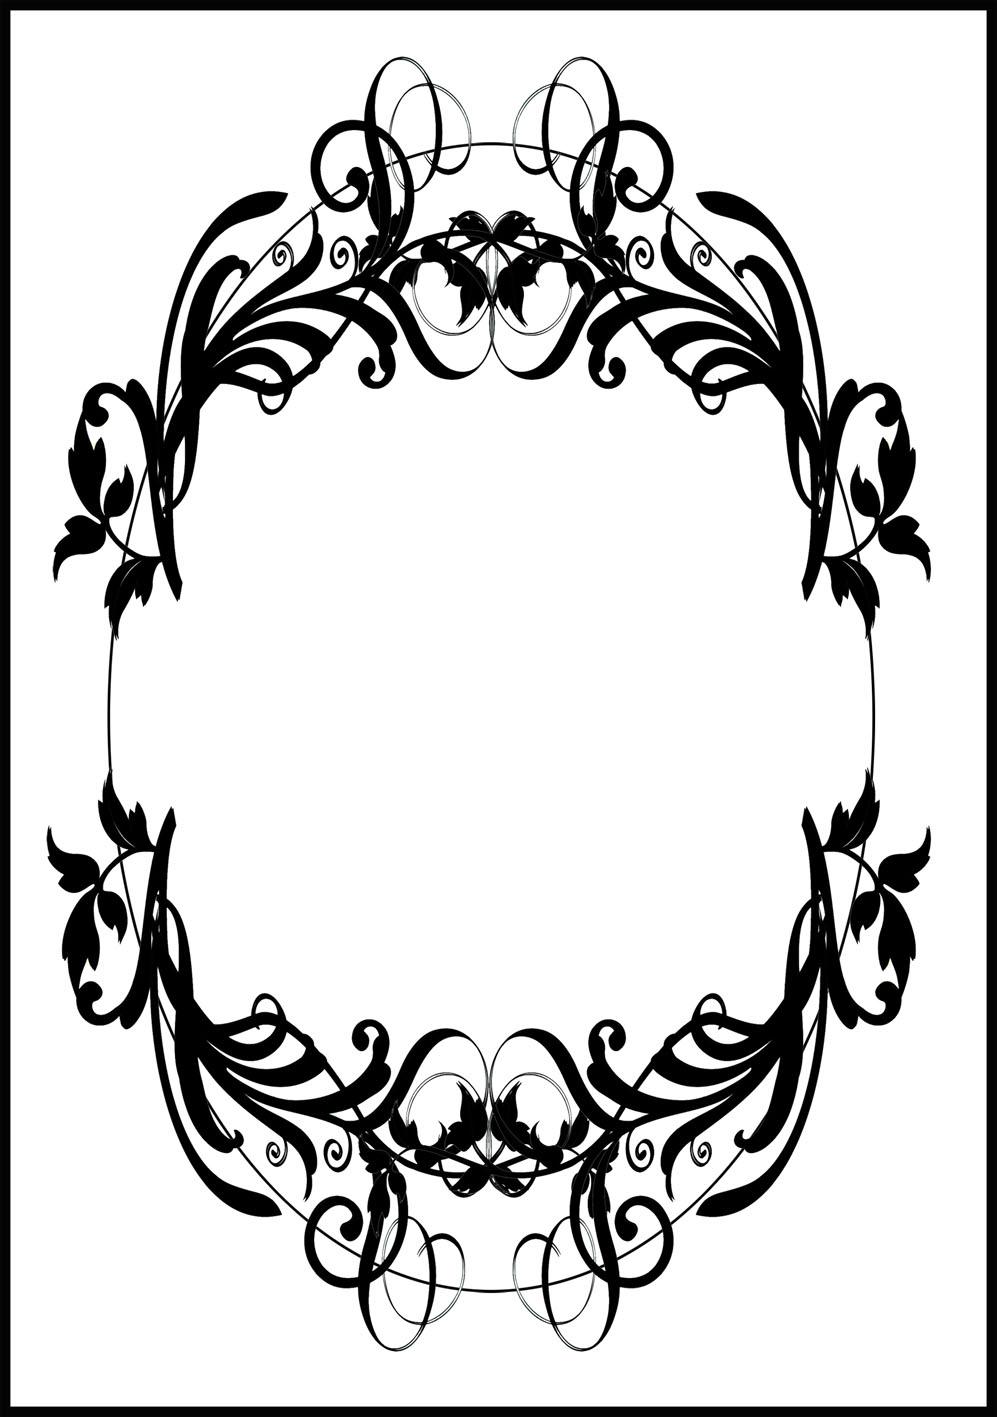 a chess board border made into a frame border